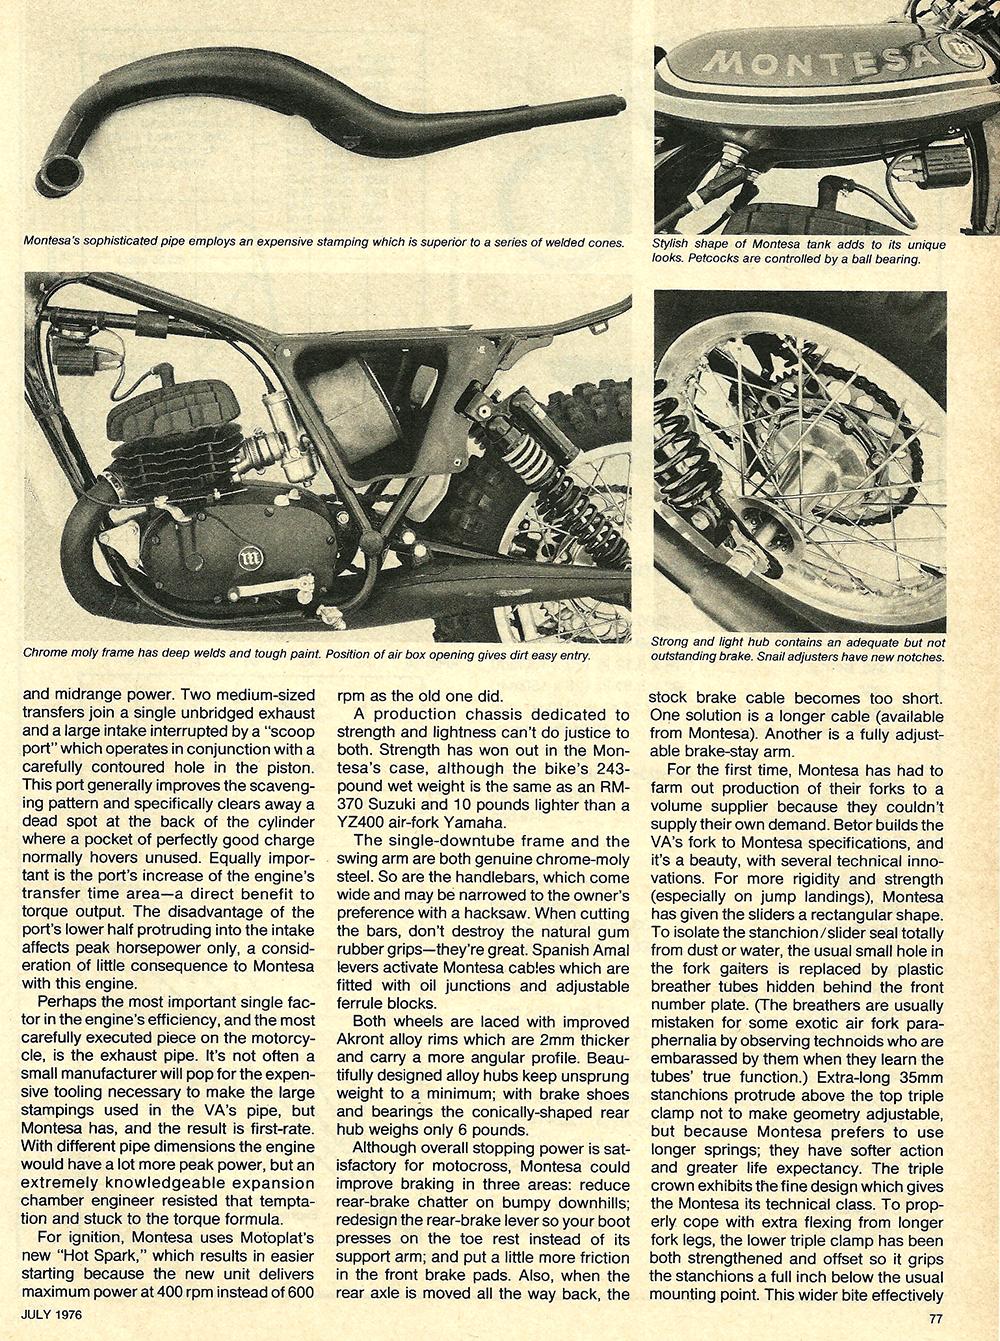 1976 Montesa 360 VA road test 4.jpg